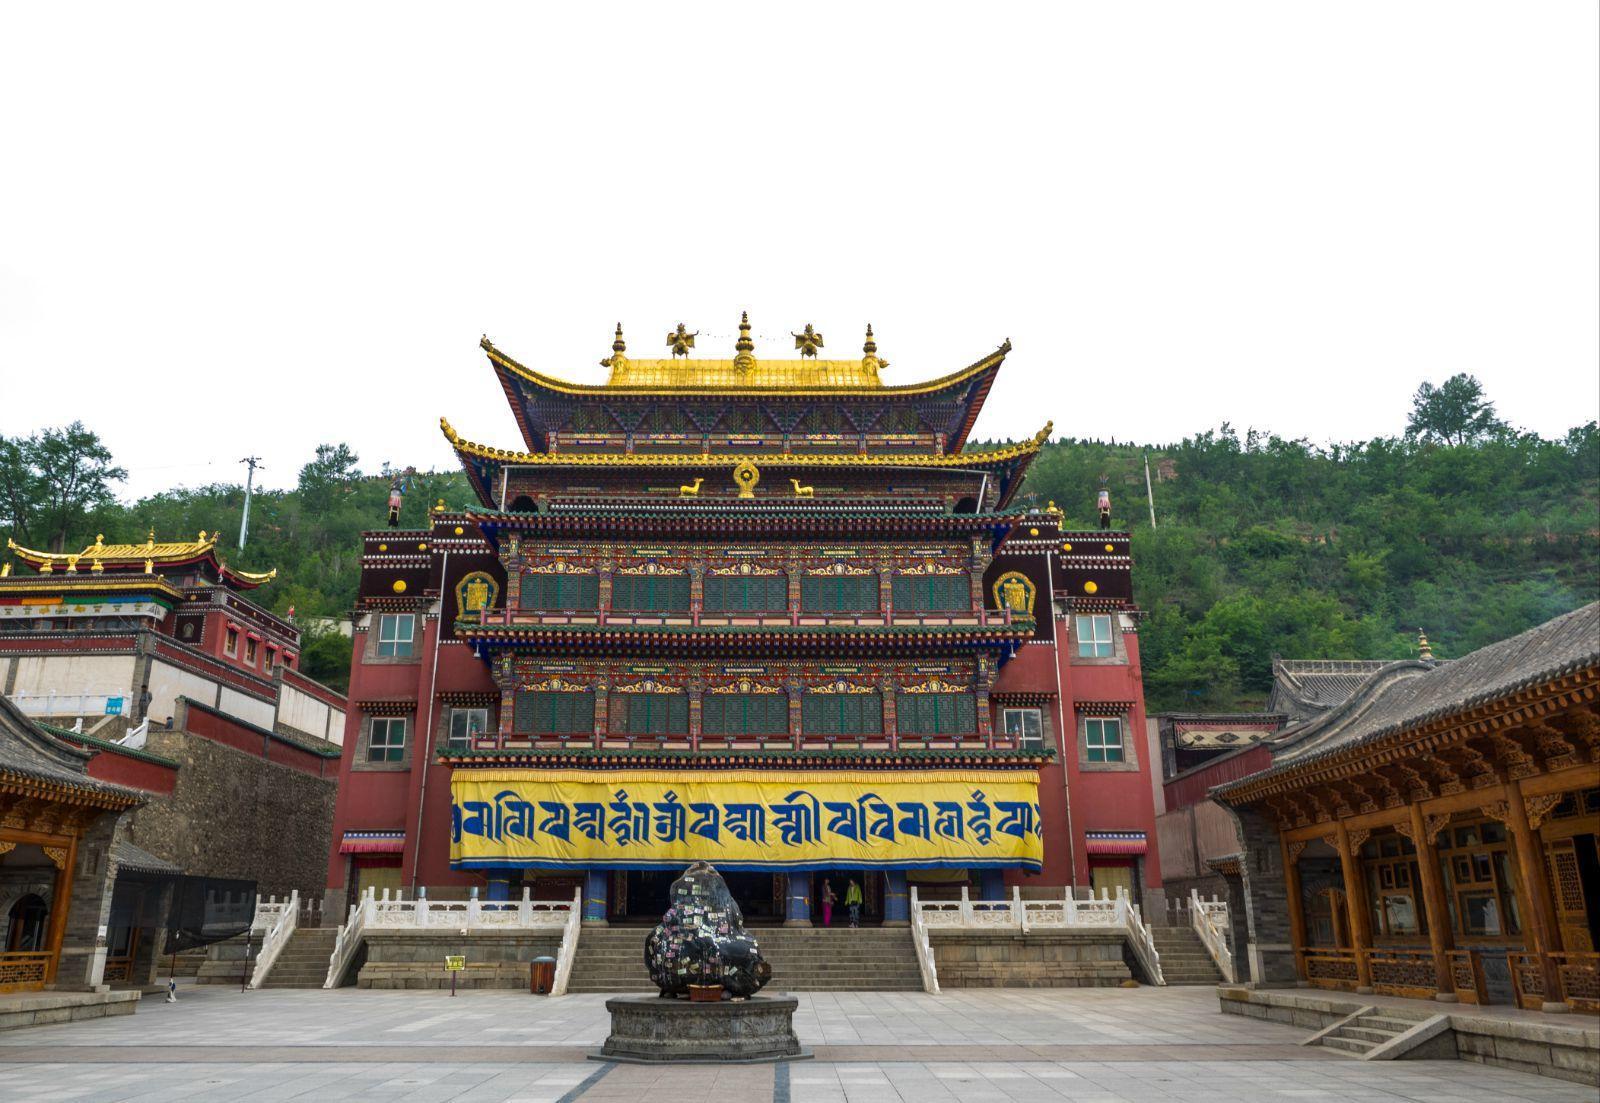 塔尔寺 塔尔寺位于距离西宁市25公里的湟中县